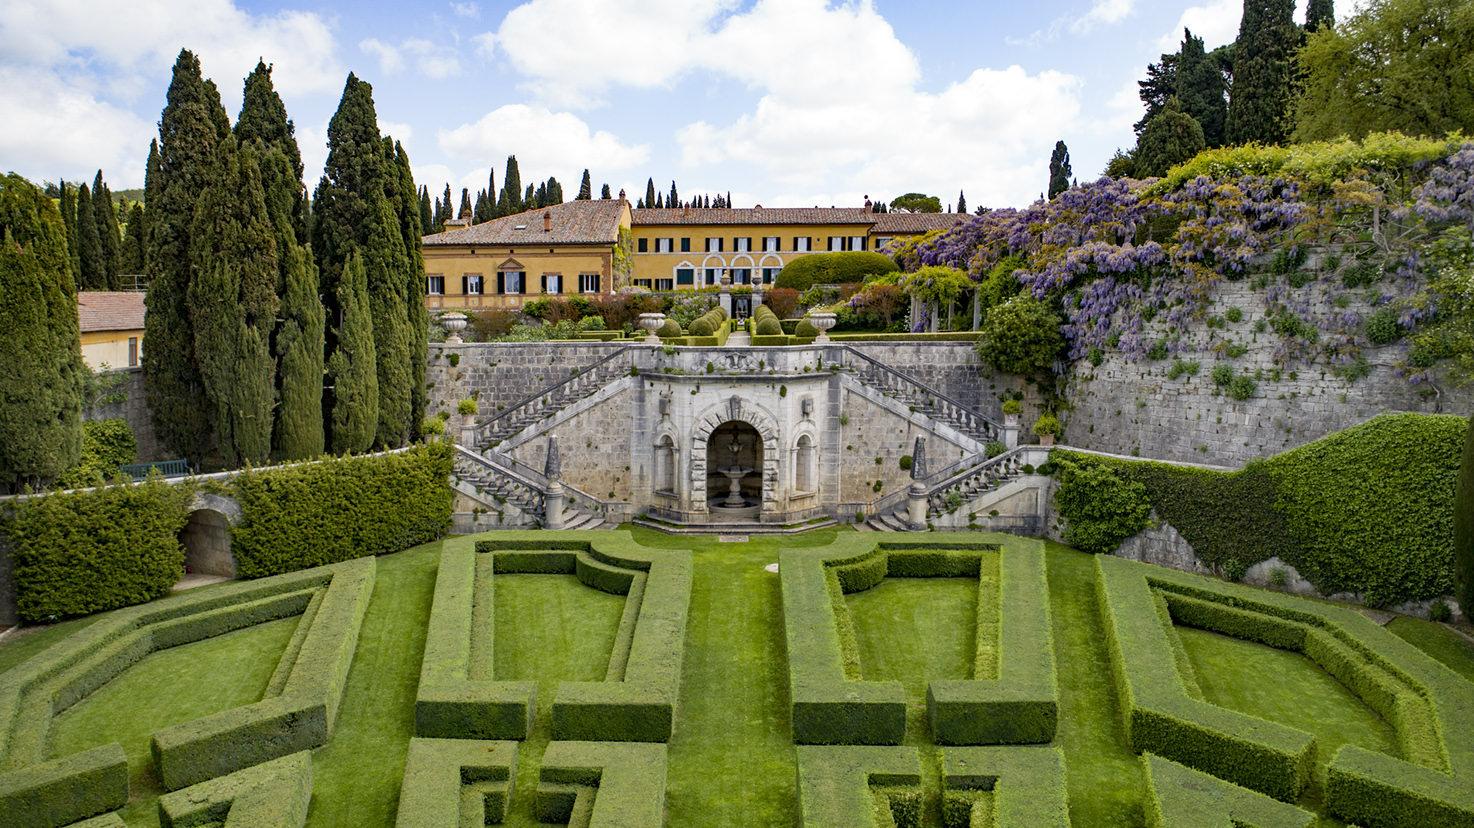 Façade and gardens of Villa La Foce